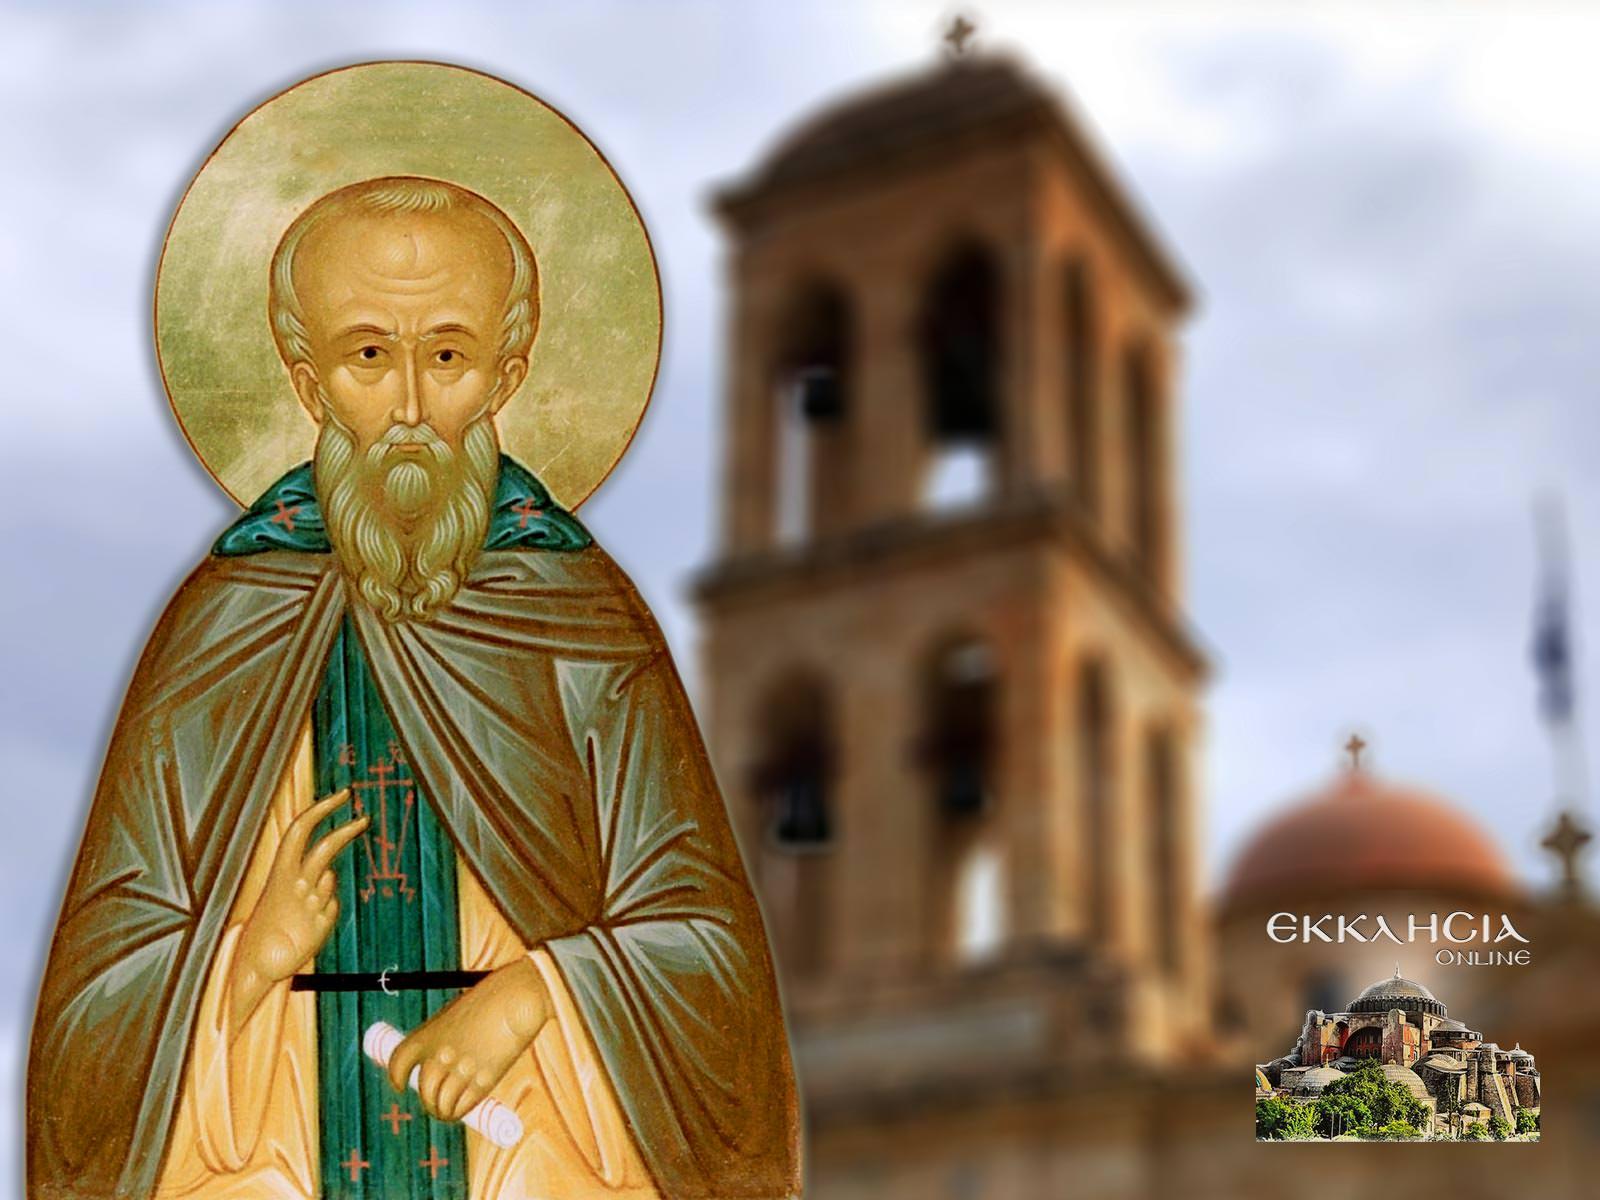 Άγιος Ανδρέας ο εν Κρίσει 17 Οκτωβρίου